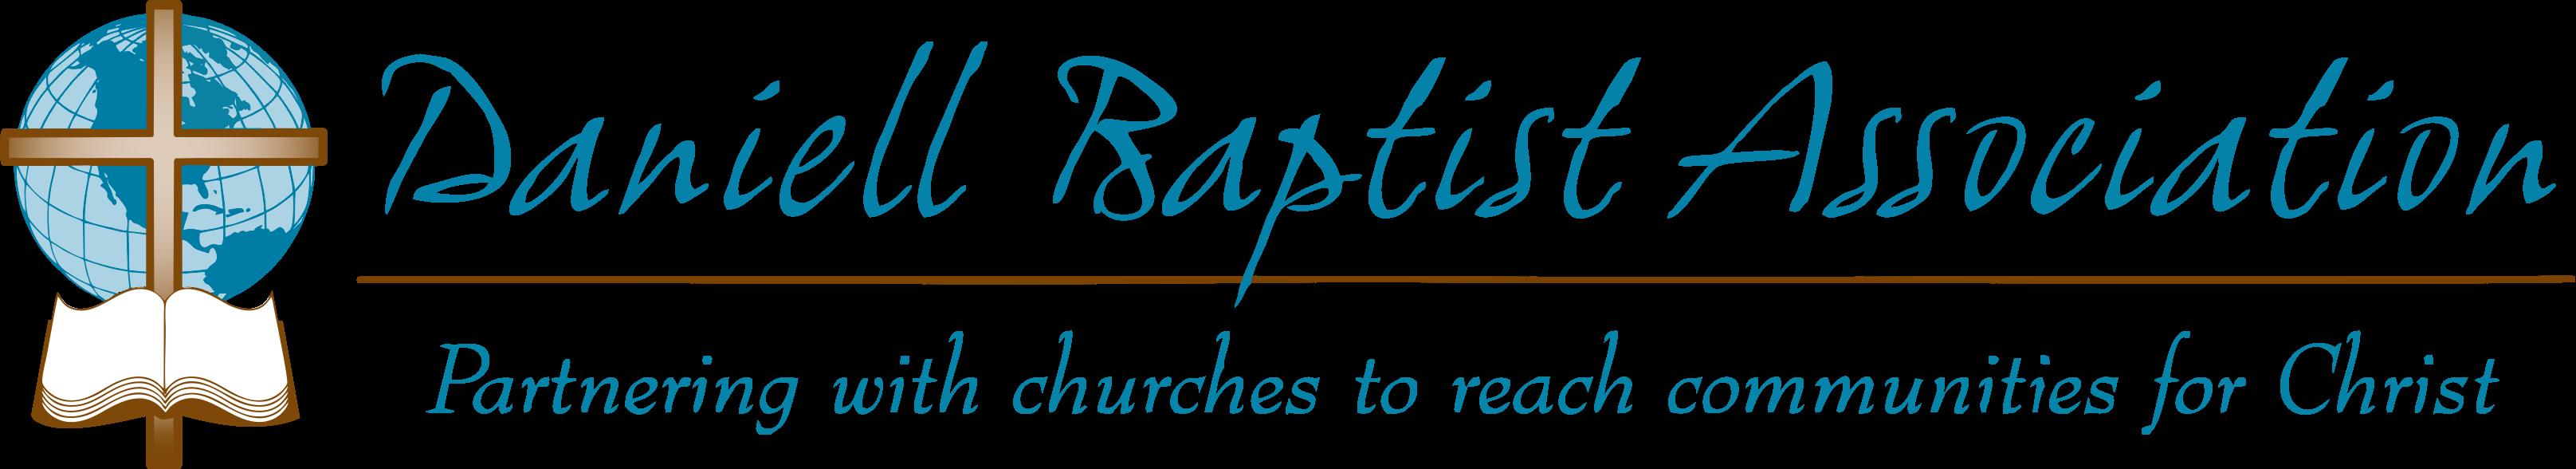 Daniell Baptist Association